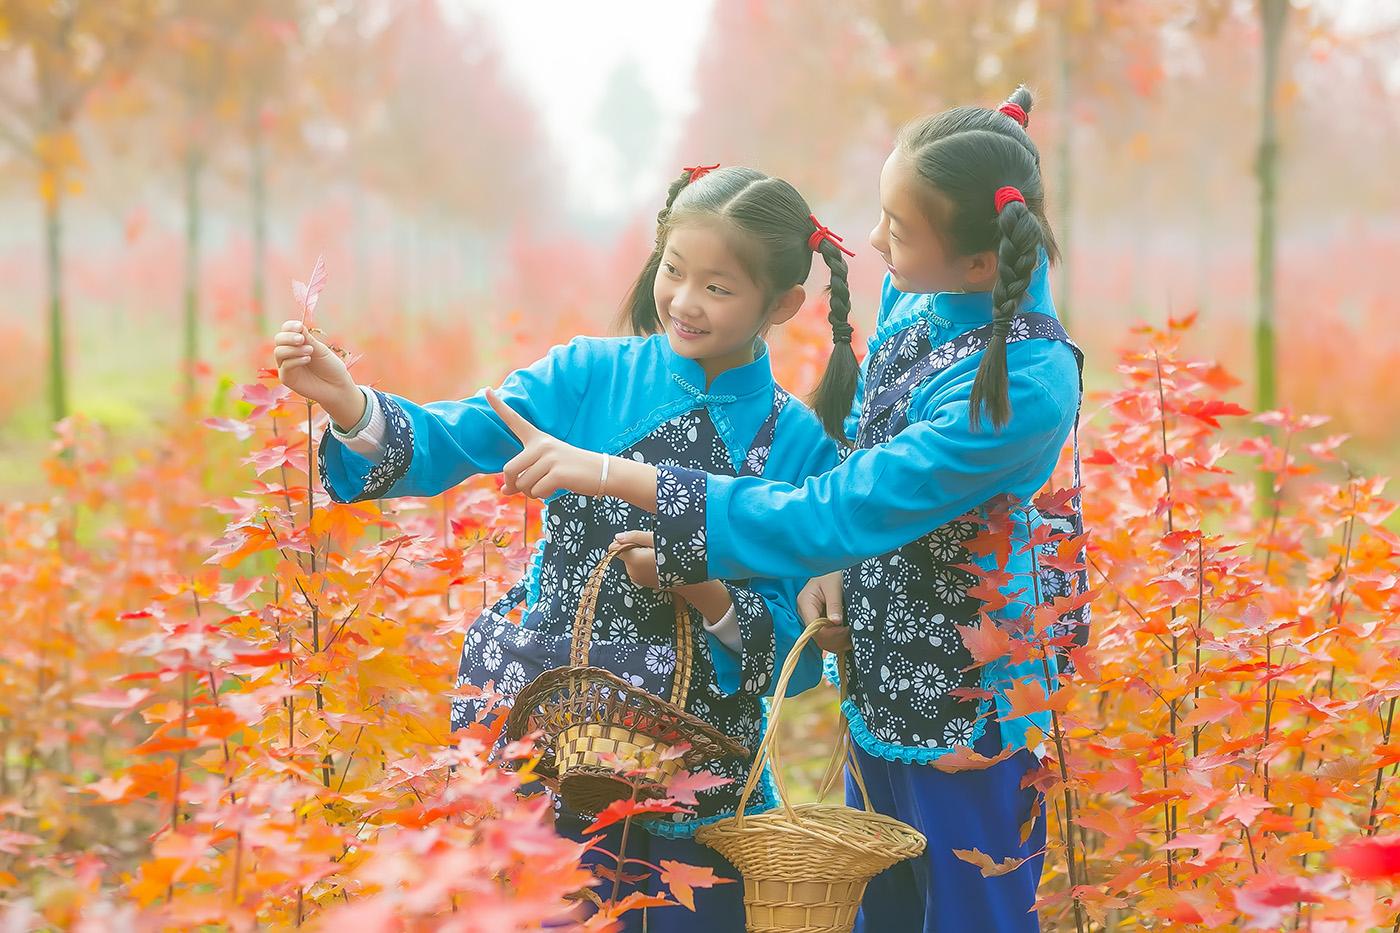 沂蒙山区竟然有这么一片童话般的树林 沂蒙小精灵火红的童年来袭 ..._图1-8